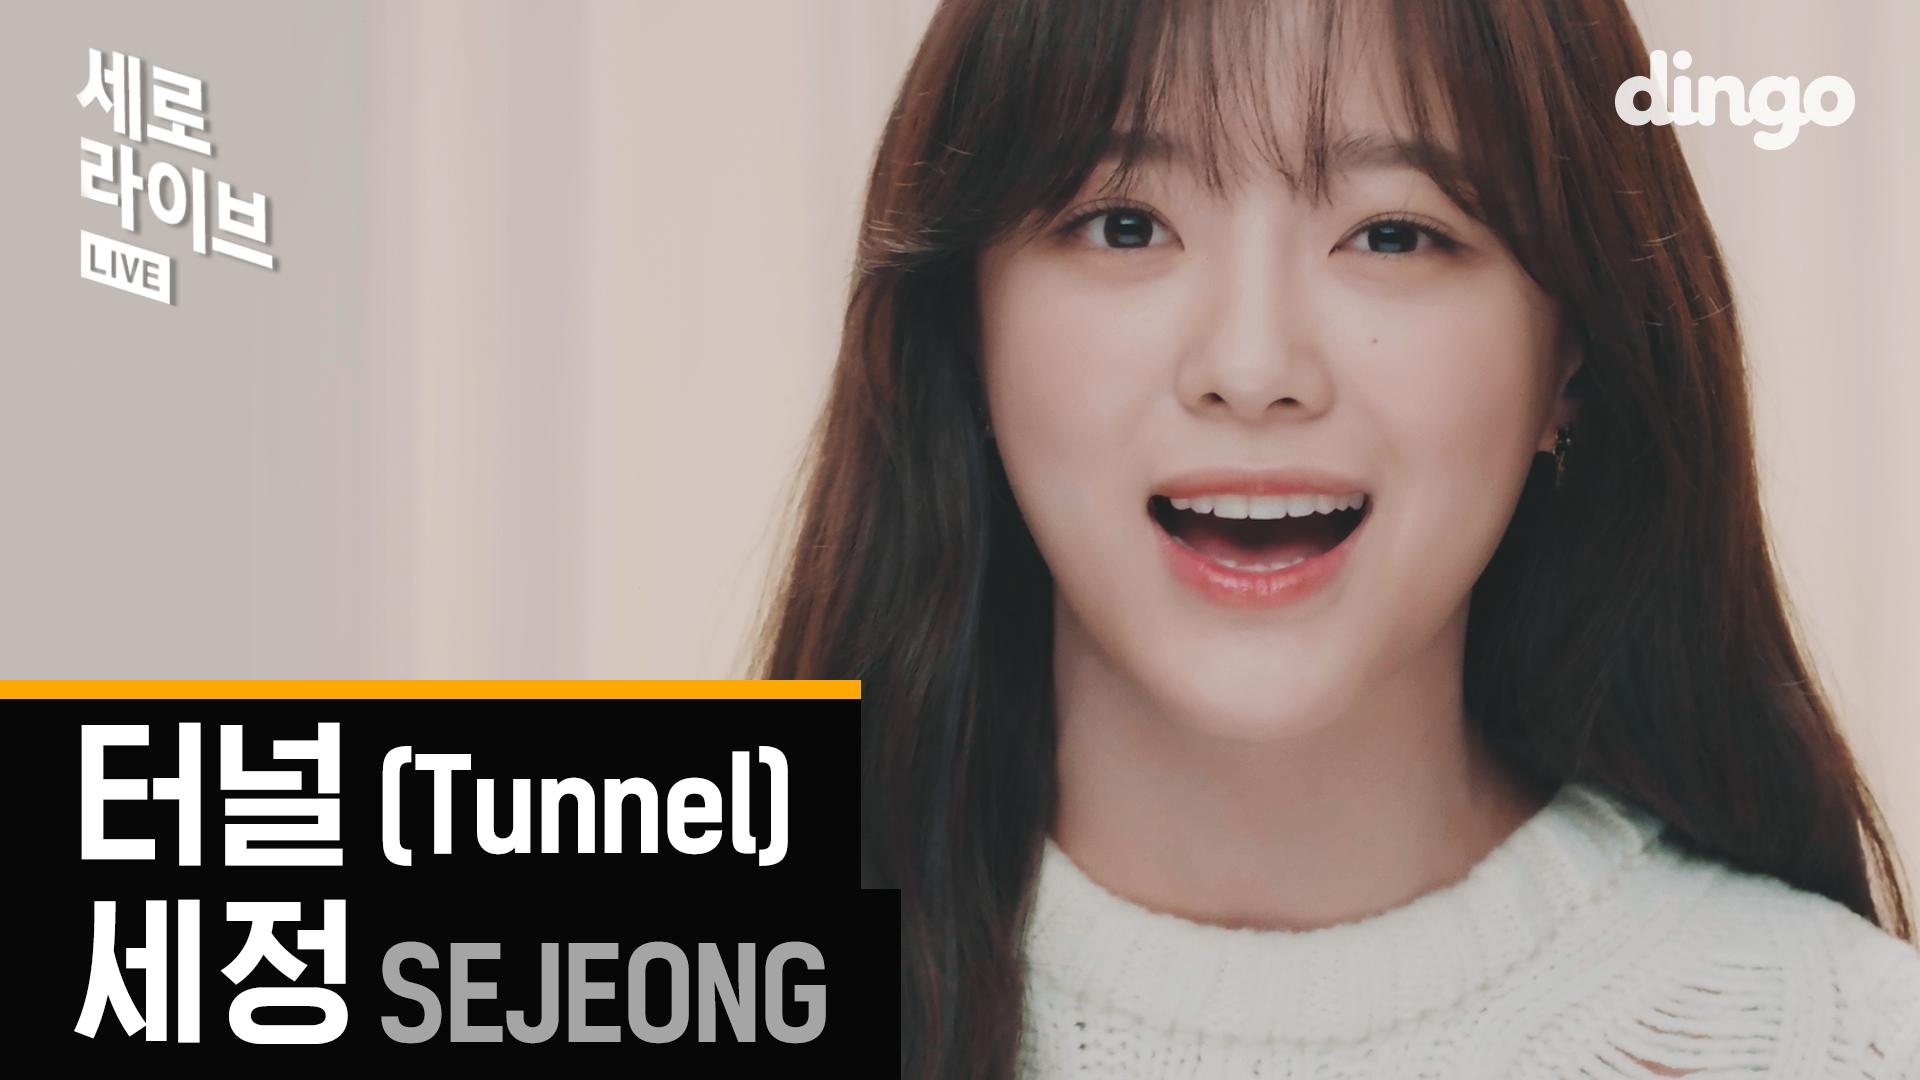 꽉 막힌 하루 끝에서 널 기다릴게 | 세정(SEJEONG) - 터널 | SERO LIVE | Tunnel | dingomusic